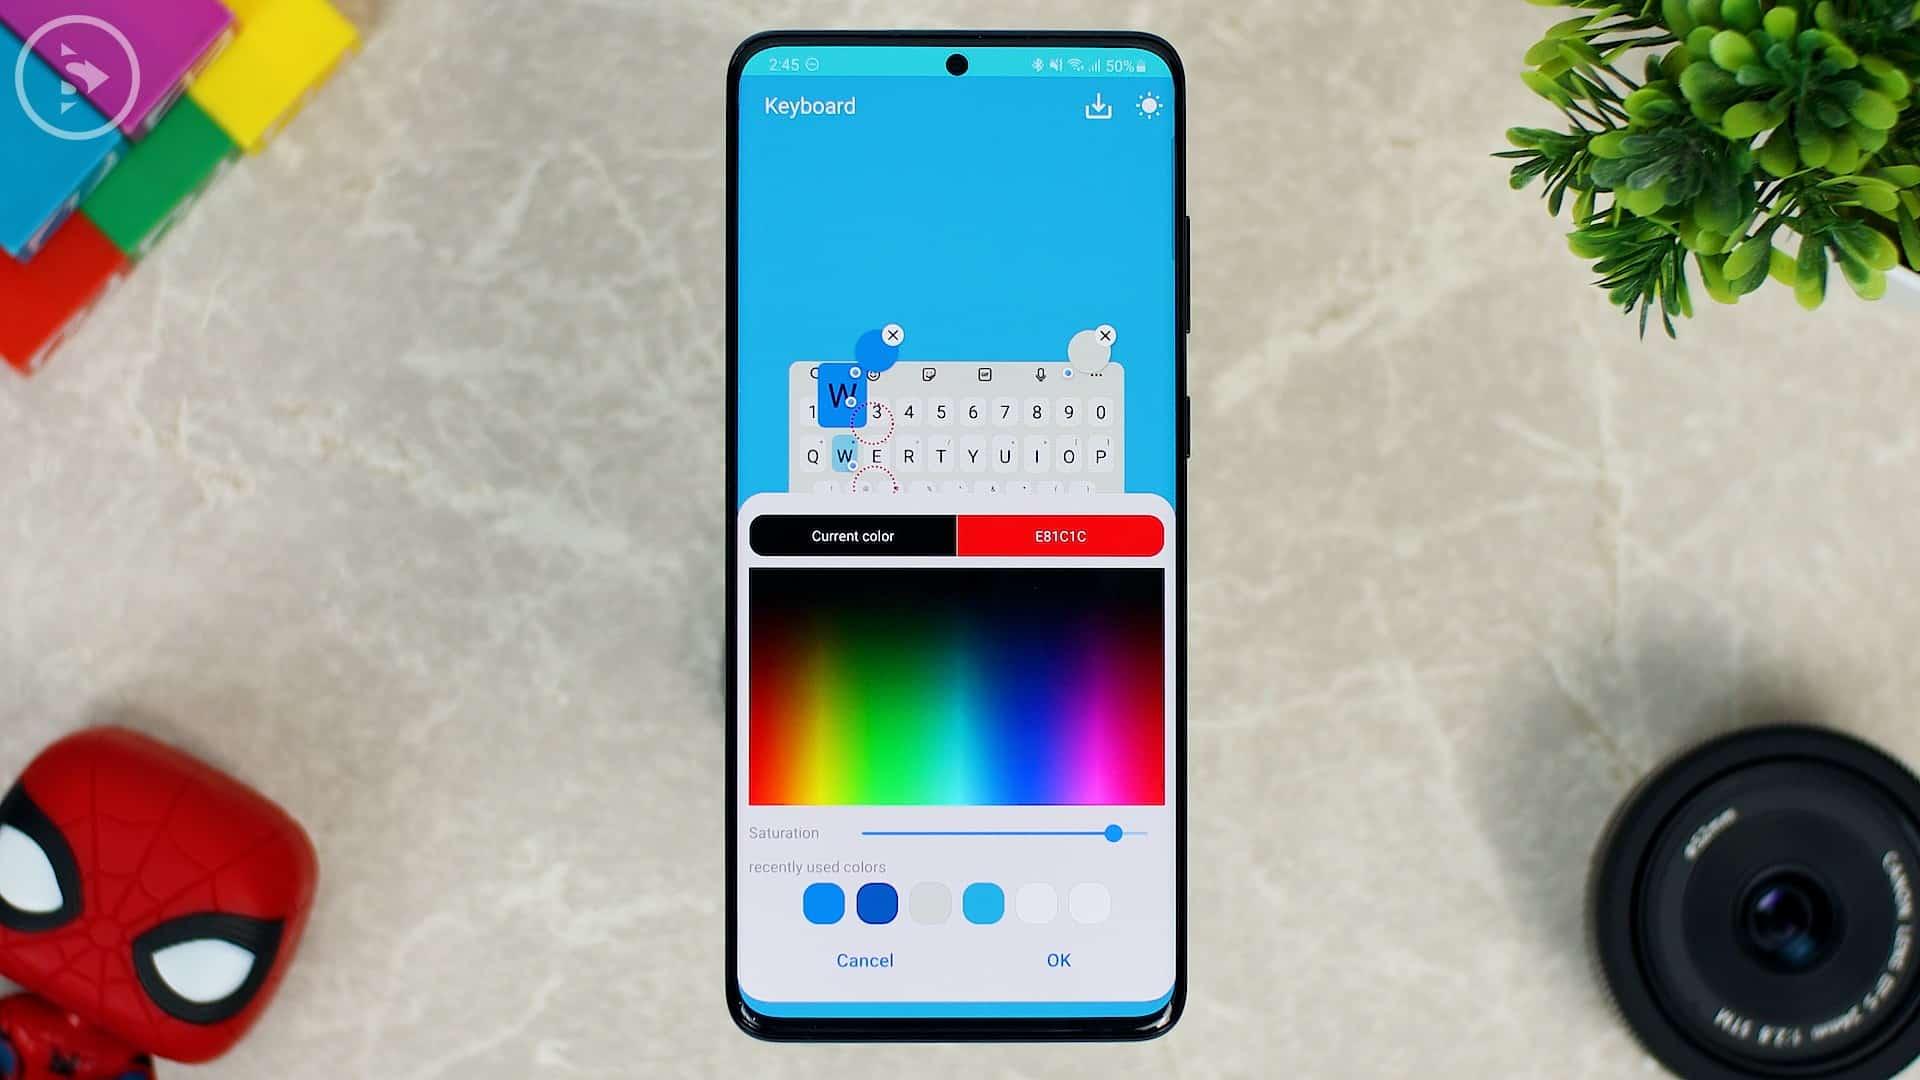 Cara Ganti Warna Keyboard di HP Samsung - Fitur Baru Good Lock - Tampilan Keyboard Saat Ditekan